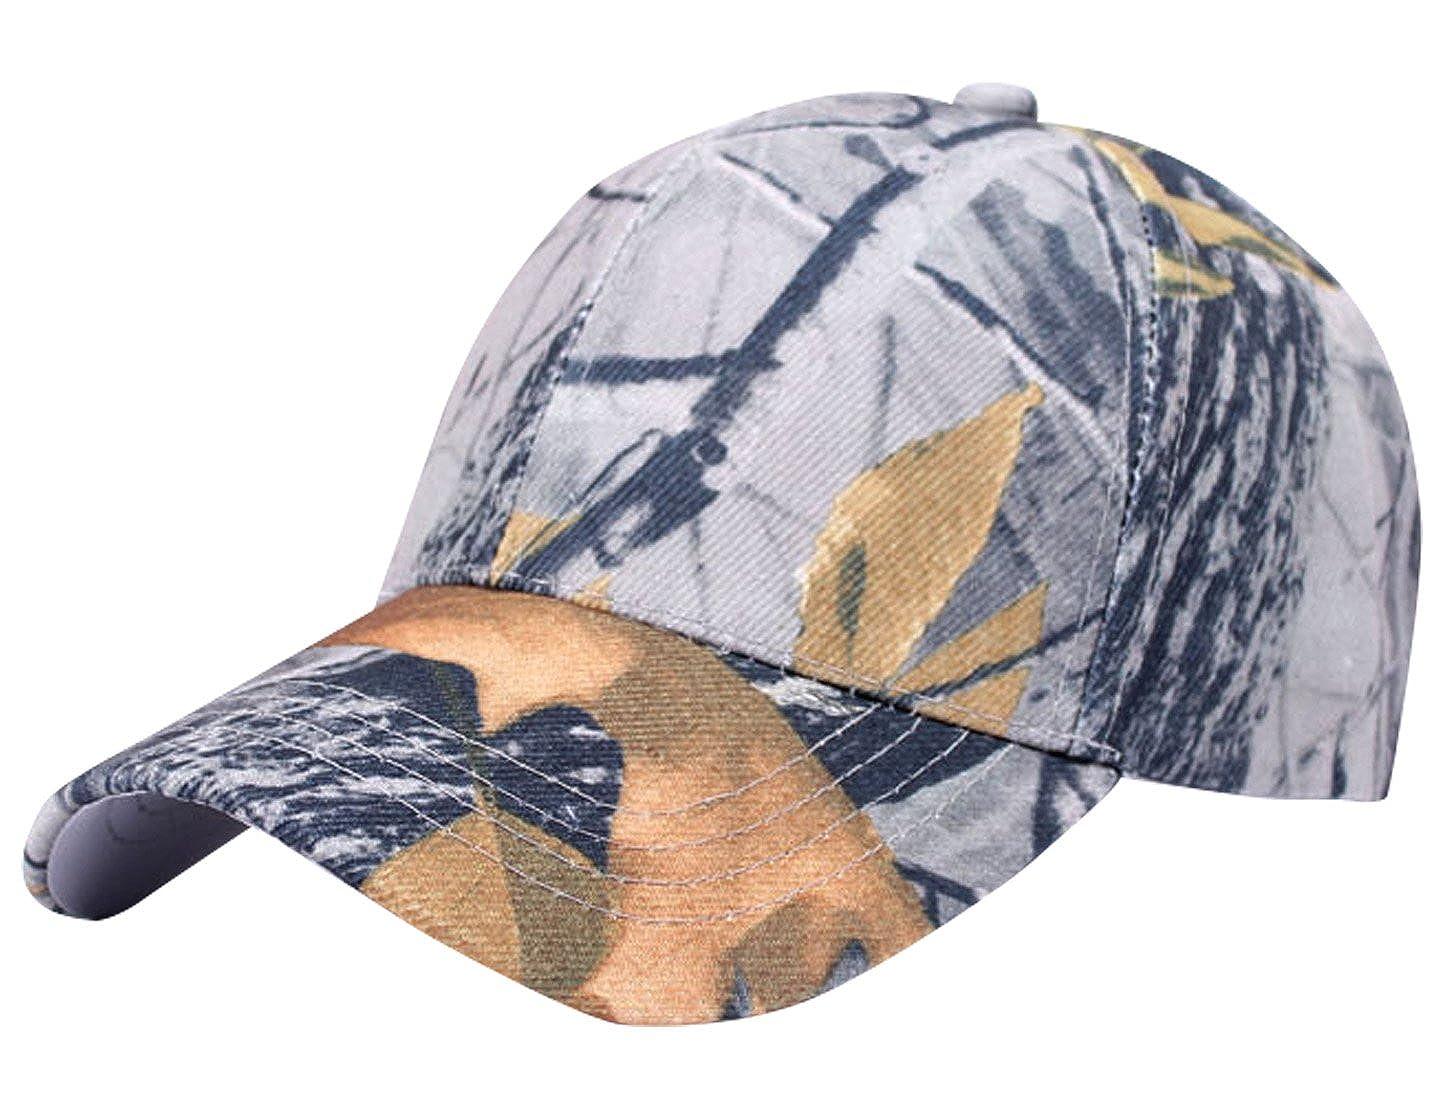 aecf8c44015 Aivtalk - Gorro de Sol para Hombre Mujer de Algodón para Viaje de  Transpirable Cierra de Velcro Ajustable para Camping Senderismo